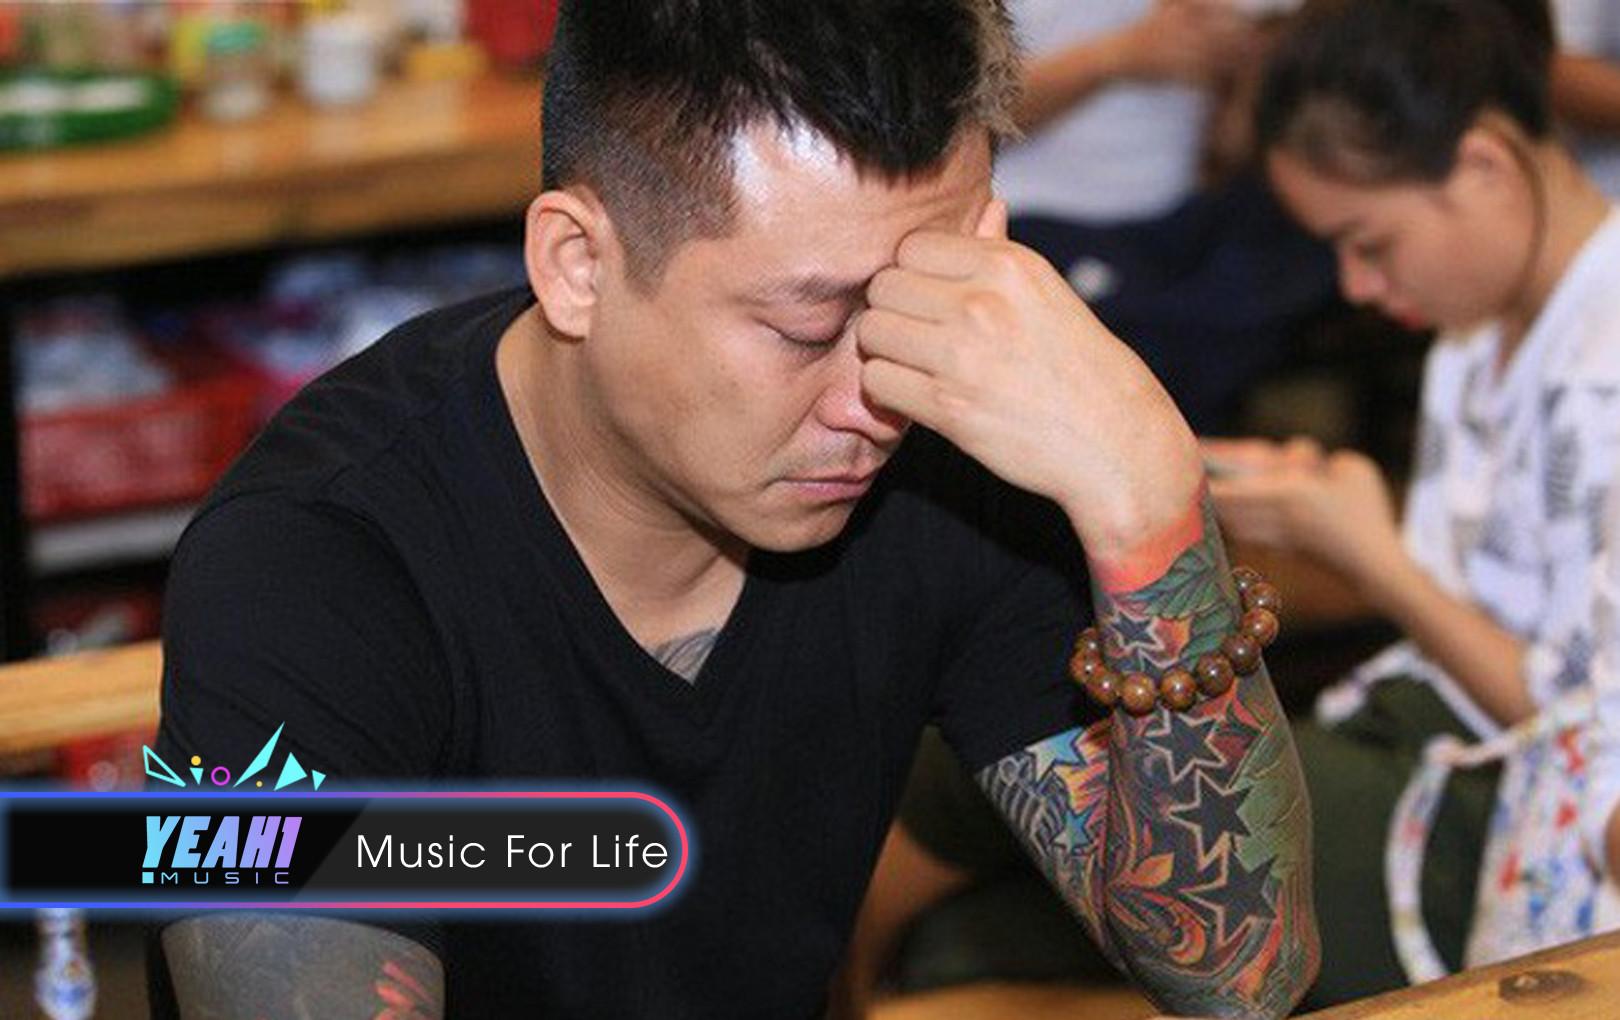 Tuấn Hưng khóc khi liveshow 20 năm ca hát bị hủy không lý do: Cay đắng, hổ thẹn, mất trắng hơn 2 tỷ đồng